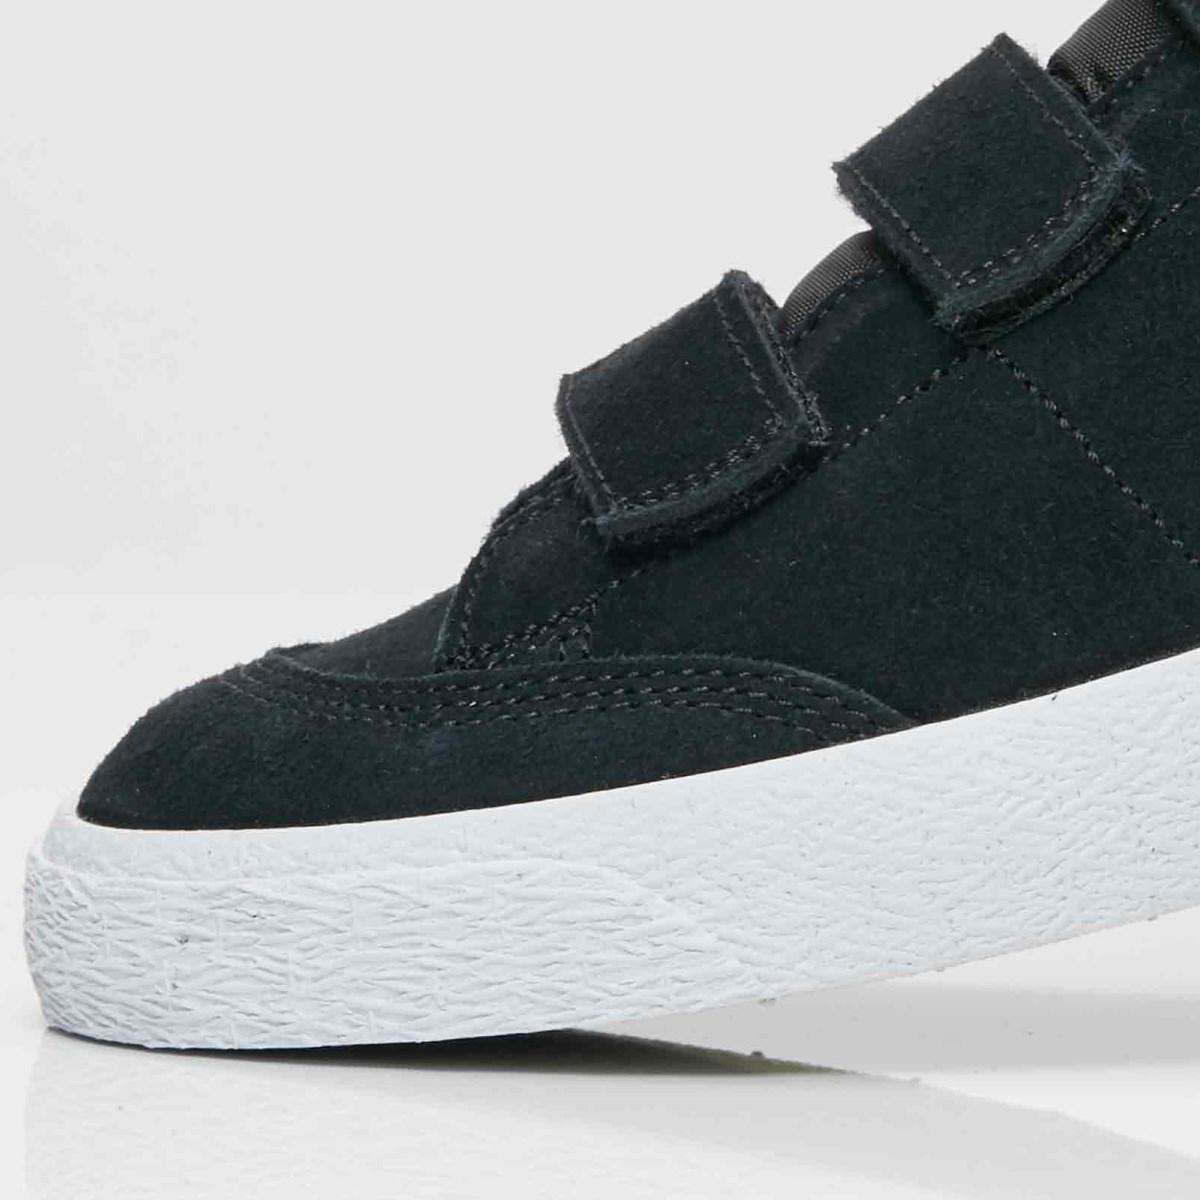 Nike Zoom Blazer AC XT - Ah3434-001 - SNS | sneakers & streetwear ...